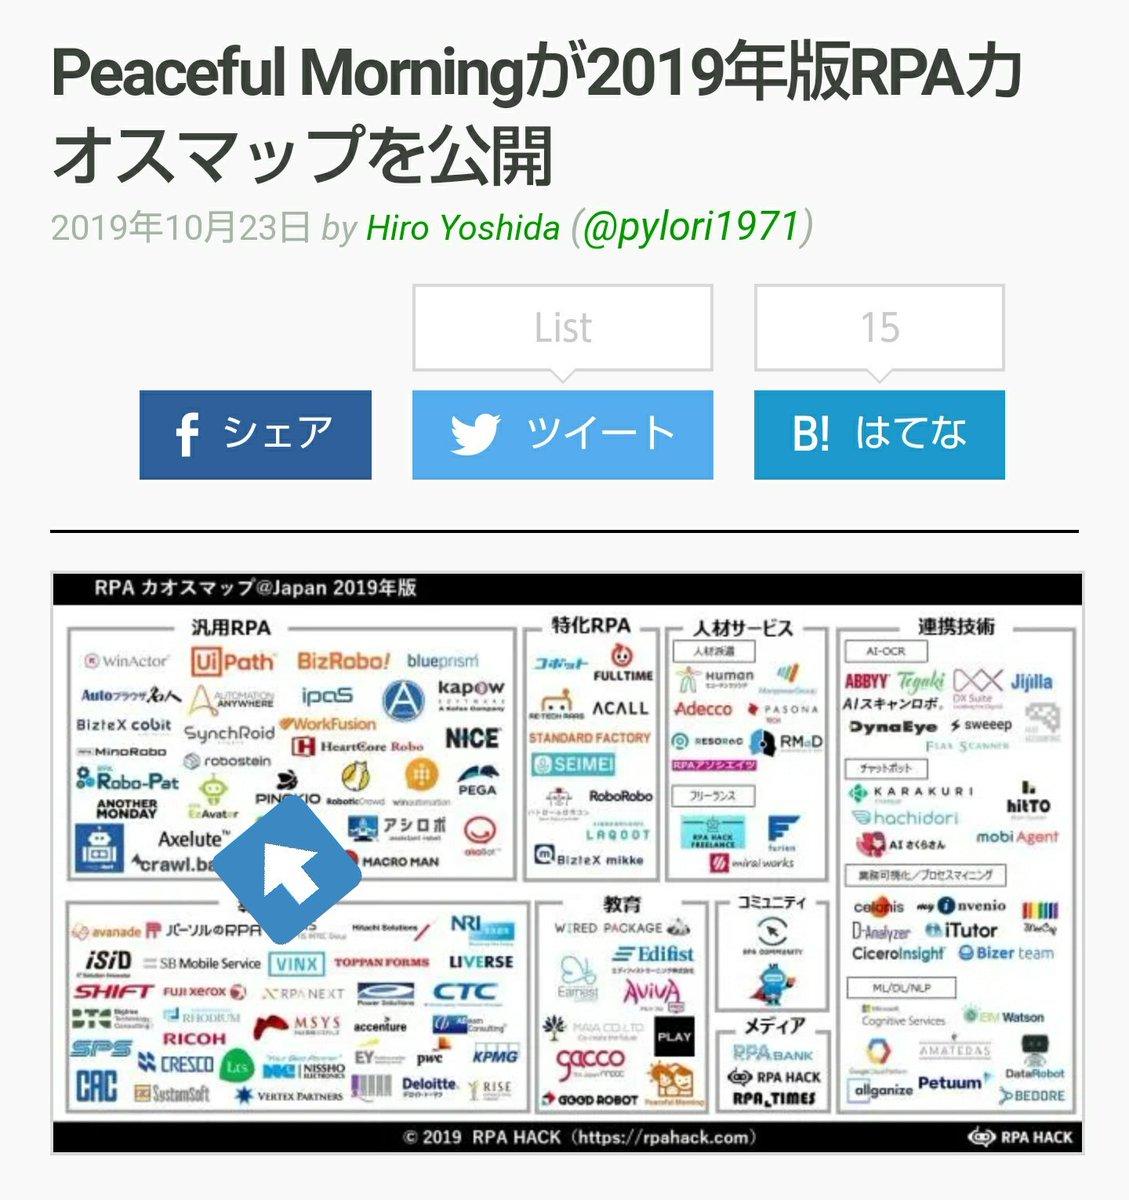 Peaceful Morningが2019年版RPAカオスマップを公開  |  TechCrunch Japan  @jptechcrunchからテリロジーのも入ってるねー